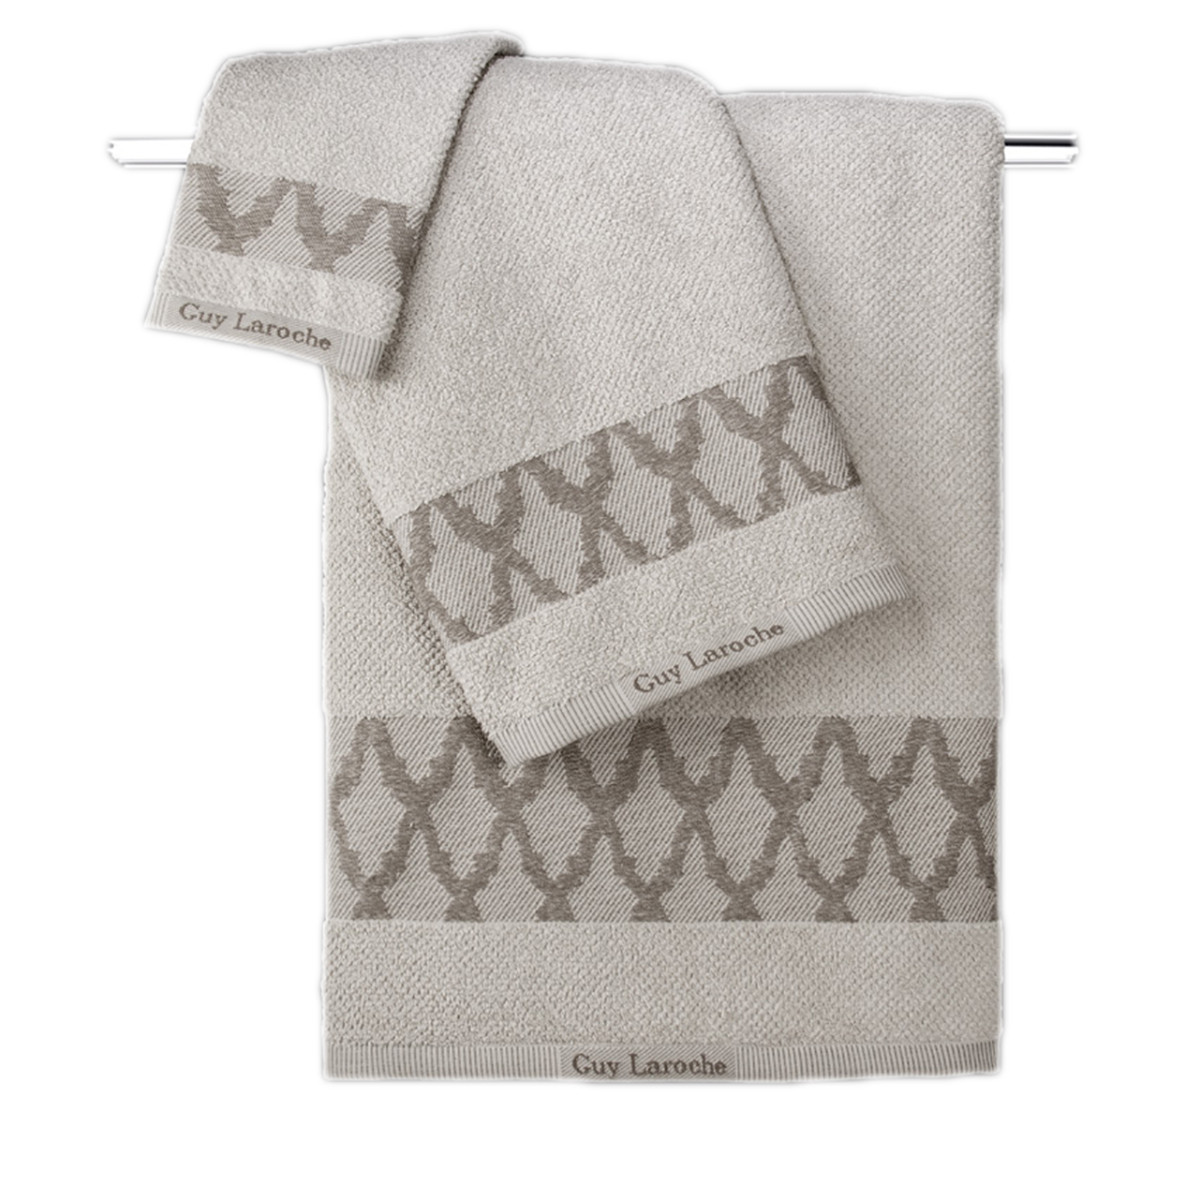 Πετσέτες Μπάνιου (Σετ 3τμχ) Guy Laroche Carlin Natural